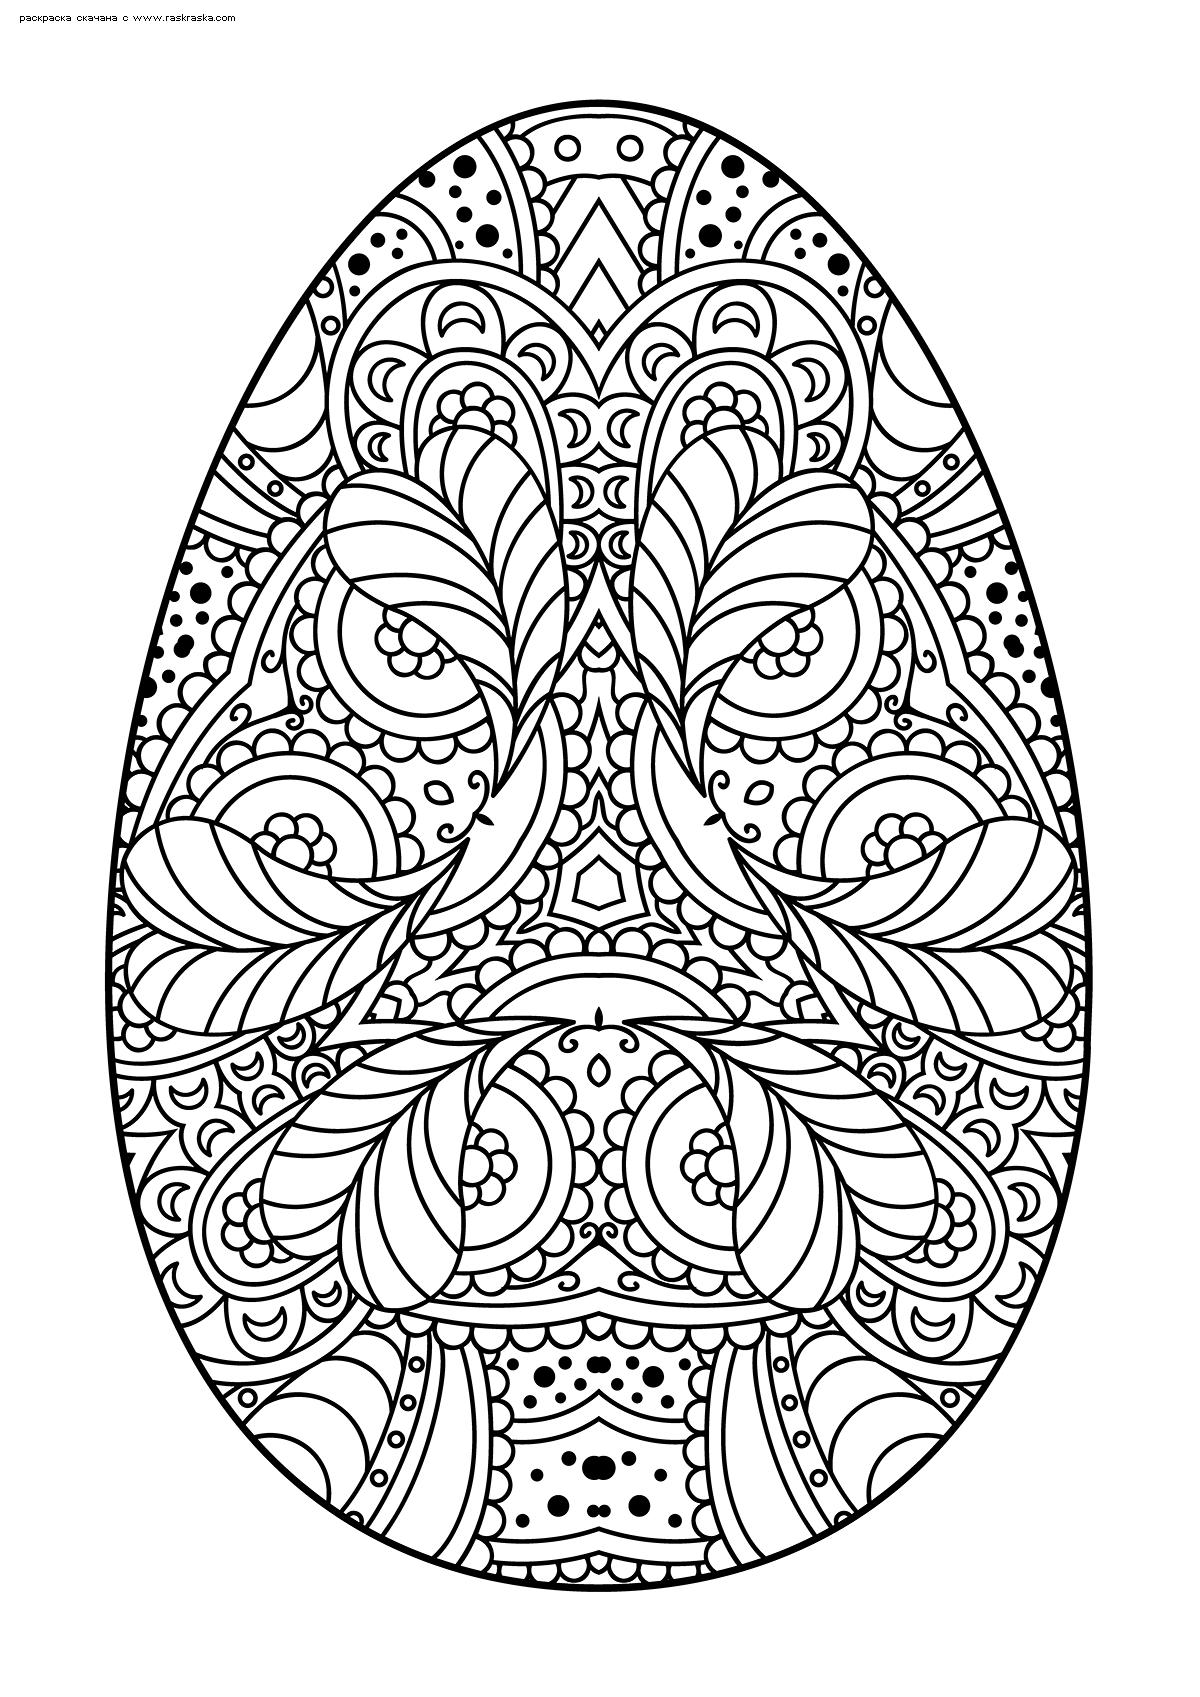 Раскраска Пасхальное яйцо. Раскраска яйцо, Пасха, антистресс